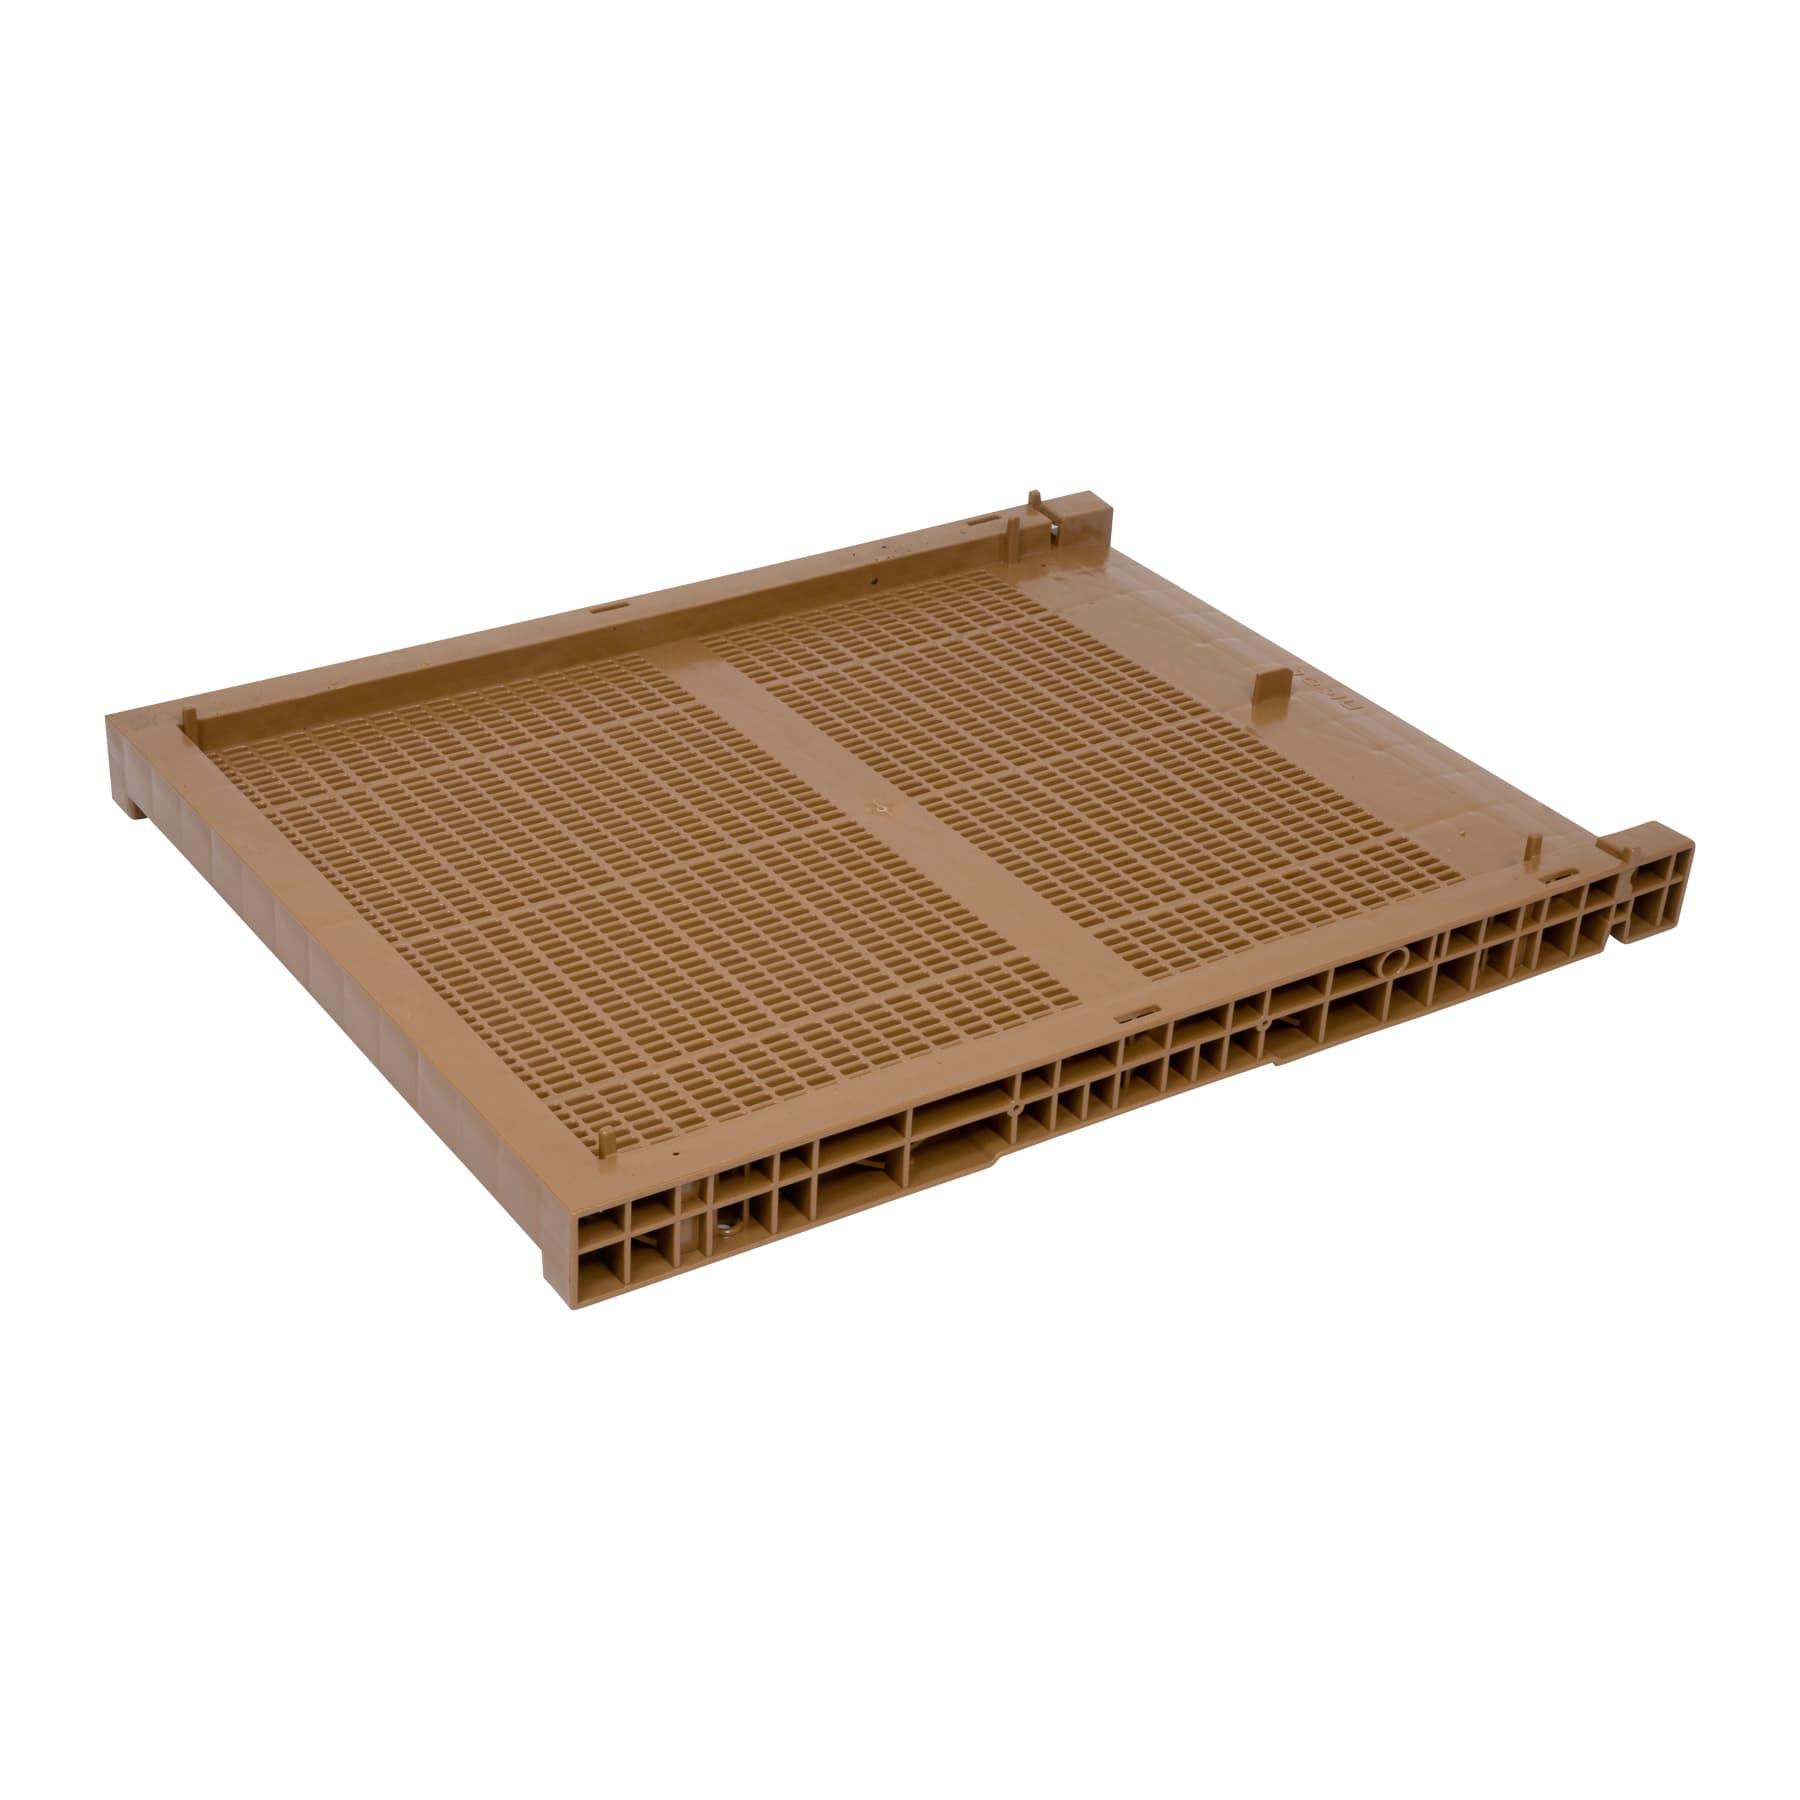 Nicot Lüftungsboden für Dadant Blatt 10 Waben